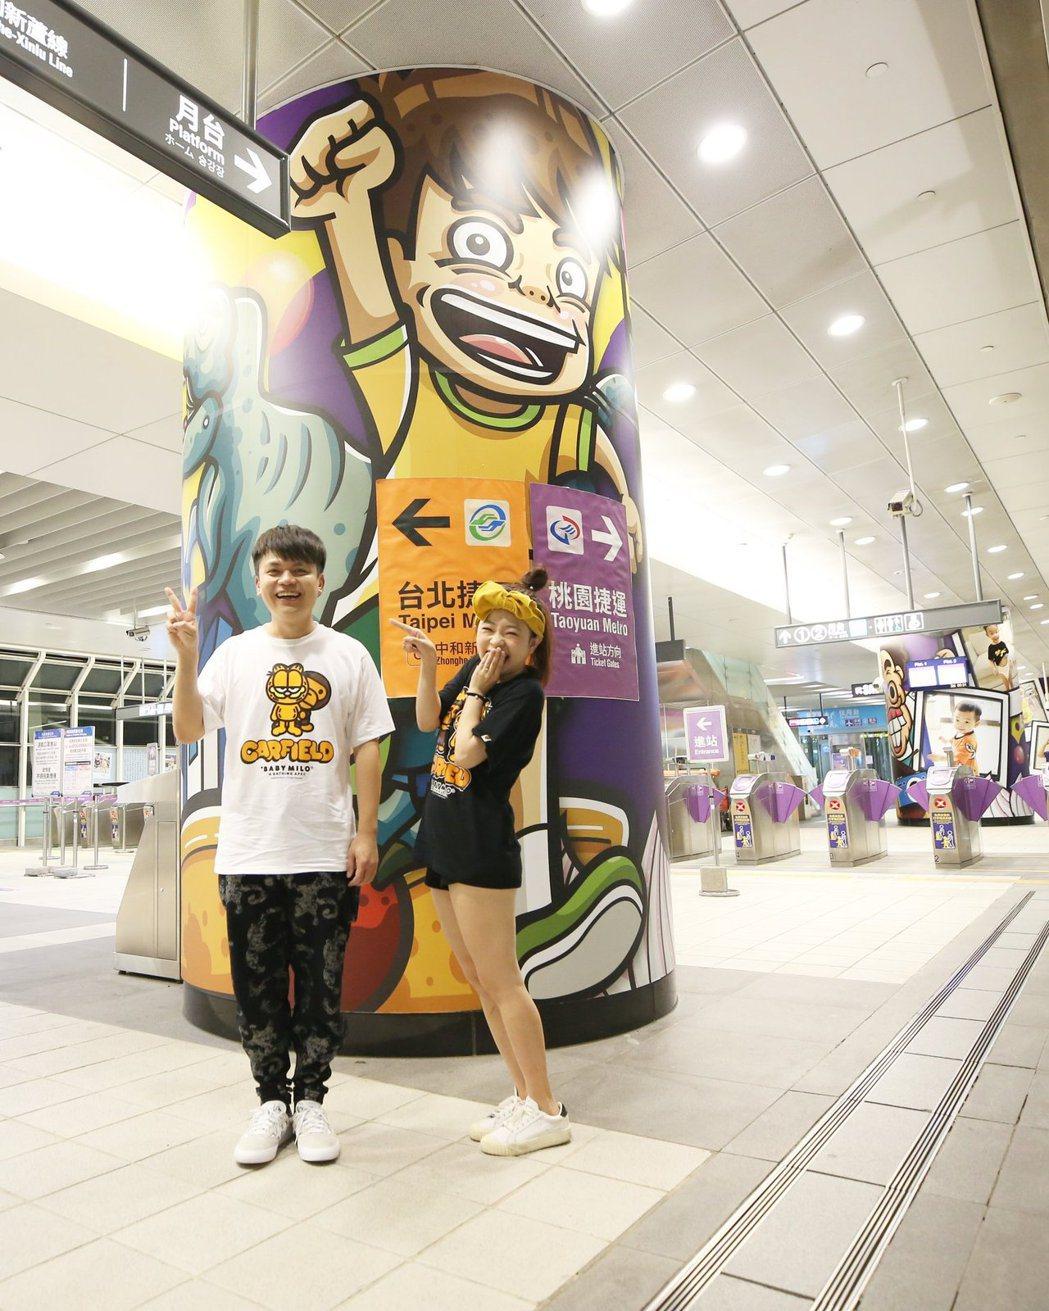 蔡阿嘎與桃園捷運公司合作在三重站設立兒子「蔡桃貴」的主題特展。 圖/擷自蔡阿嘎臉